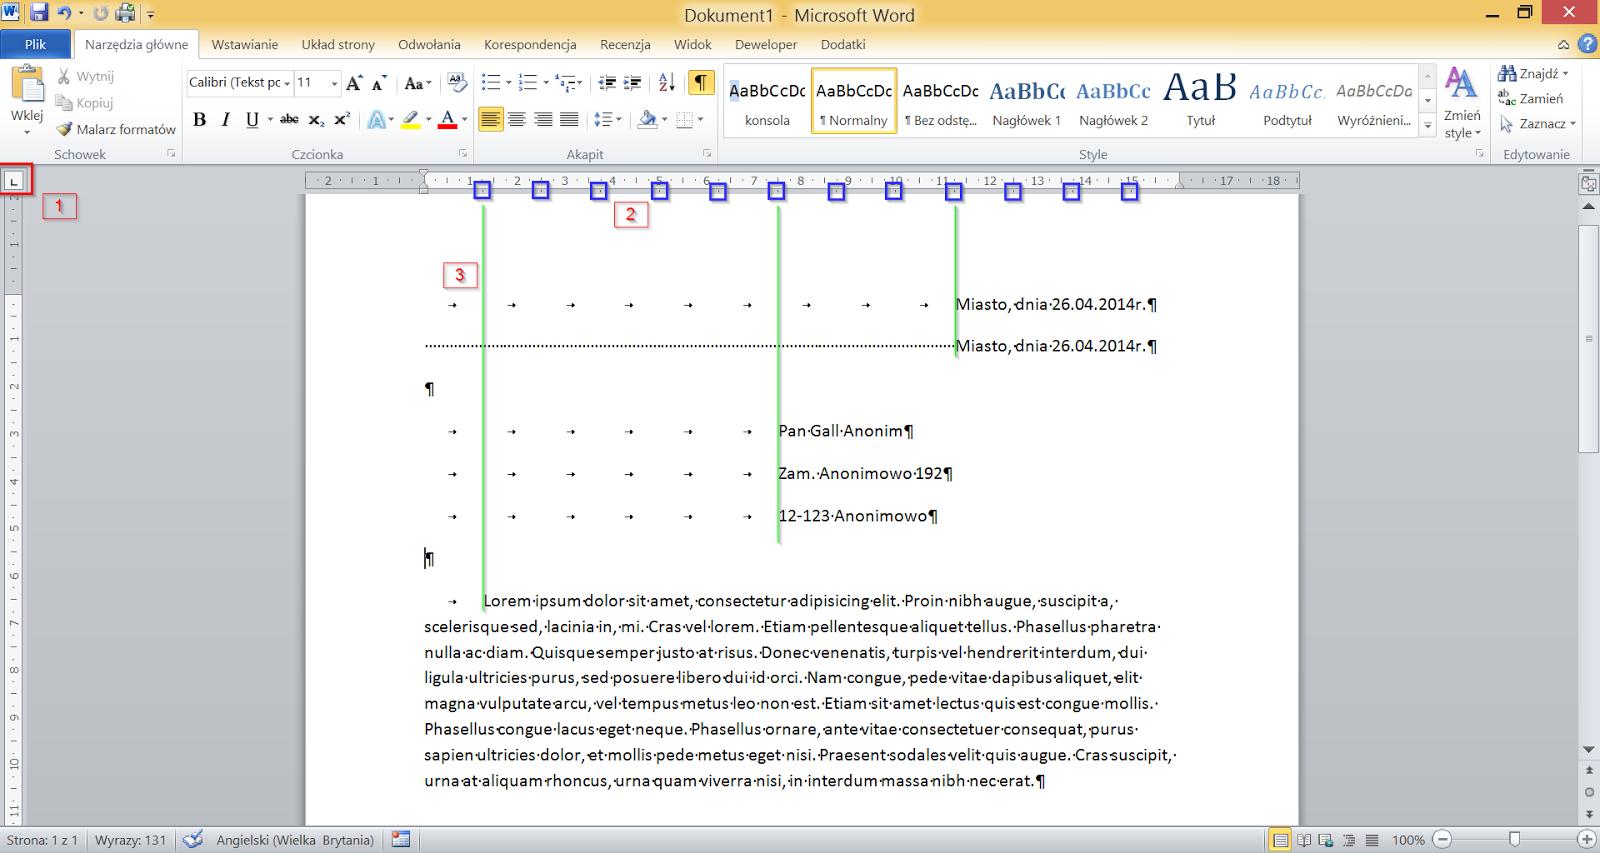 Elementy interfejsu programu Word 2010 powiązane z konfiguracją tabulatorów